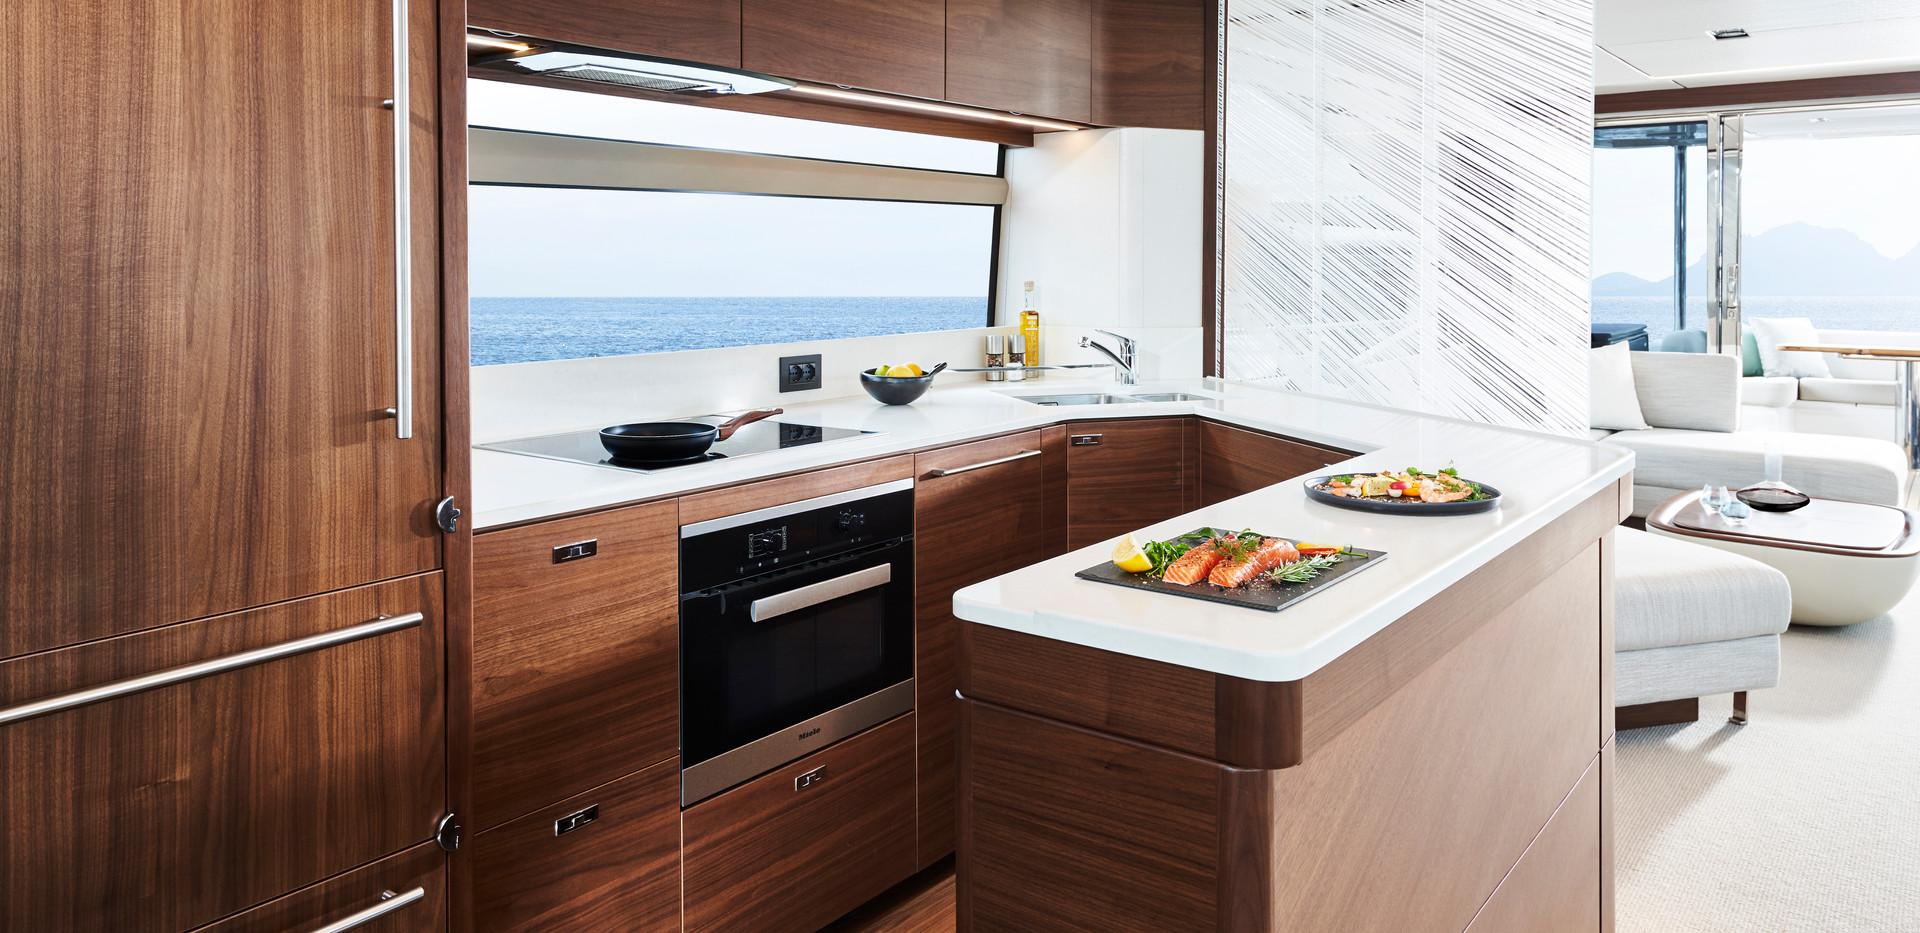 y78-interior-galley-glass-patition-close